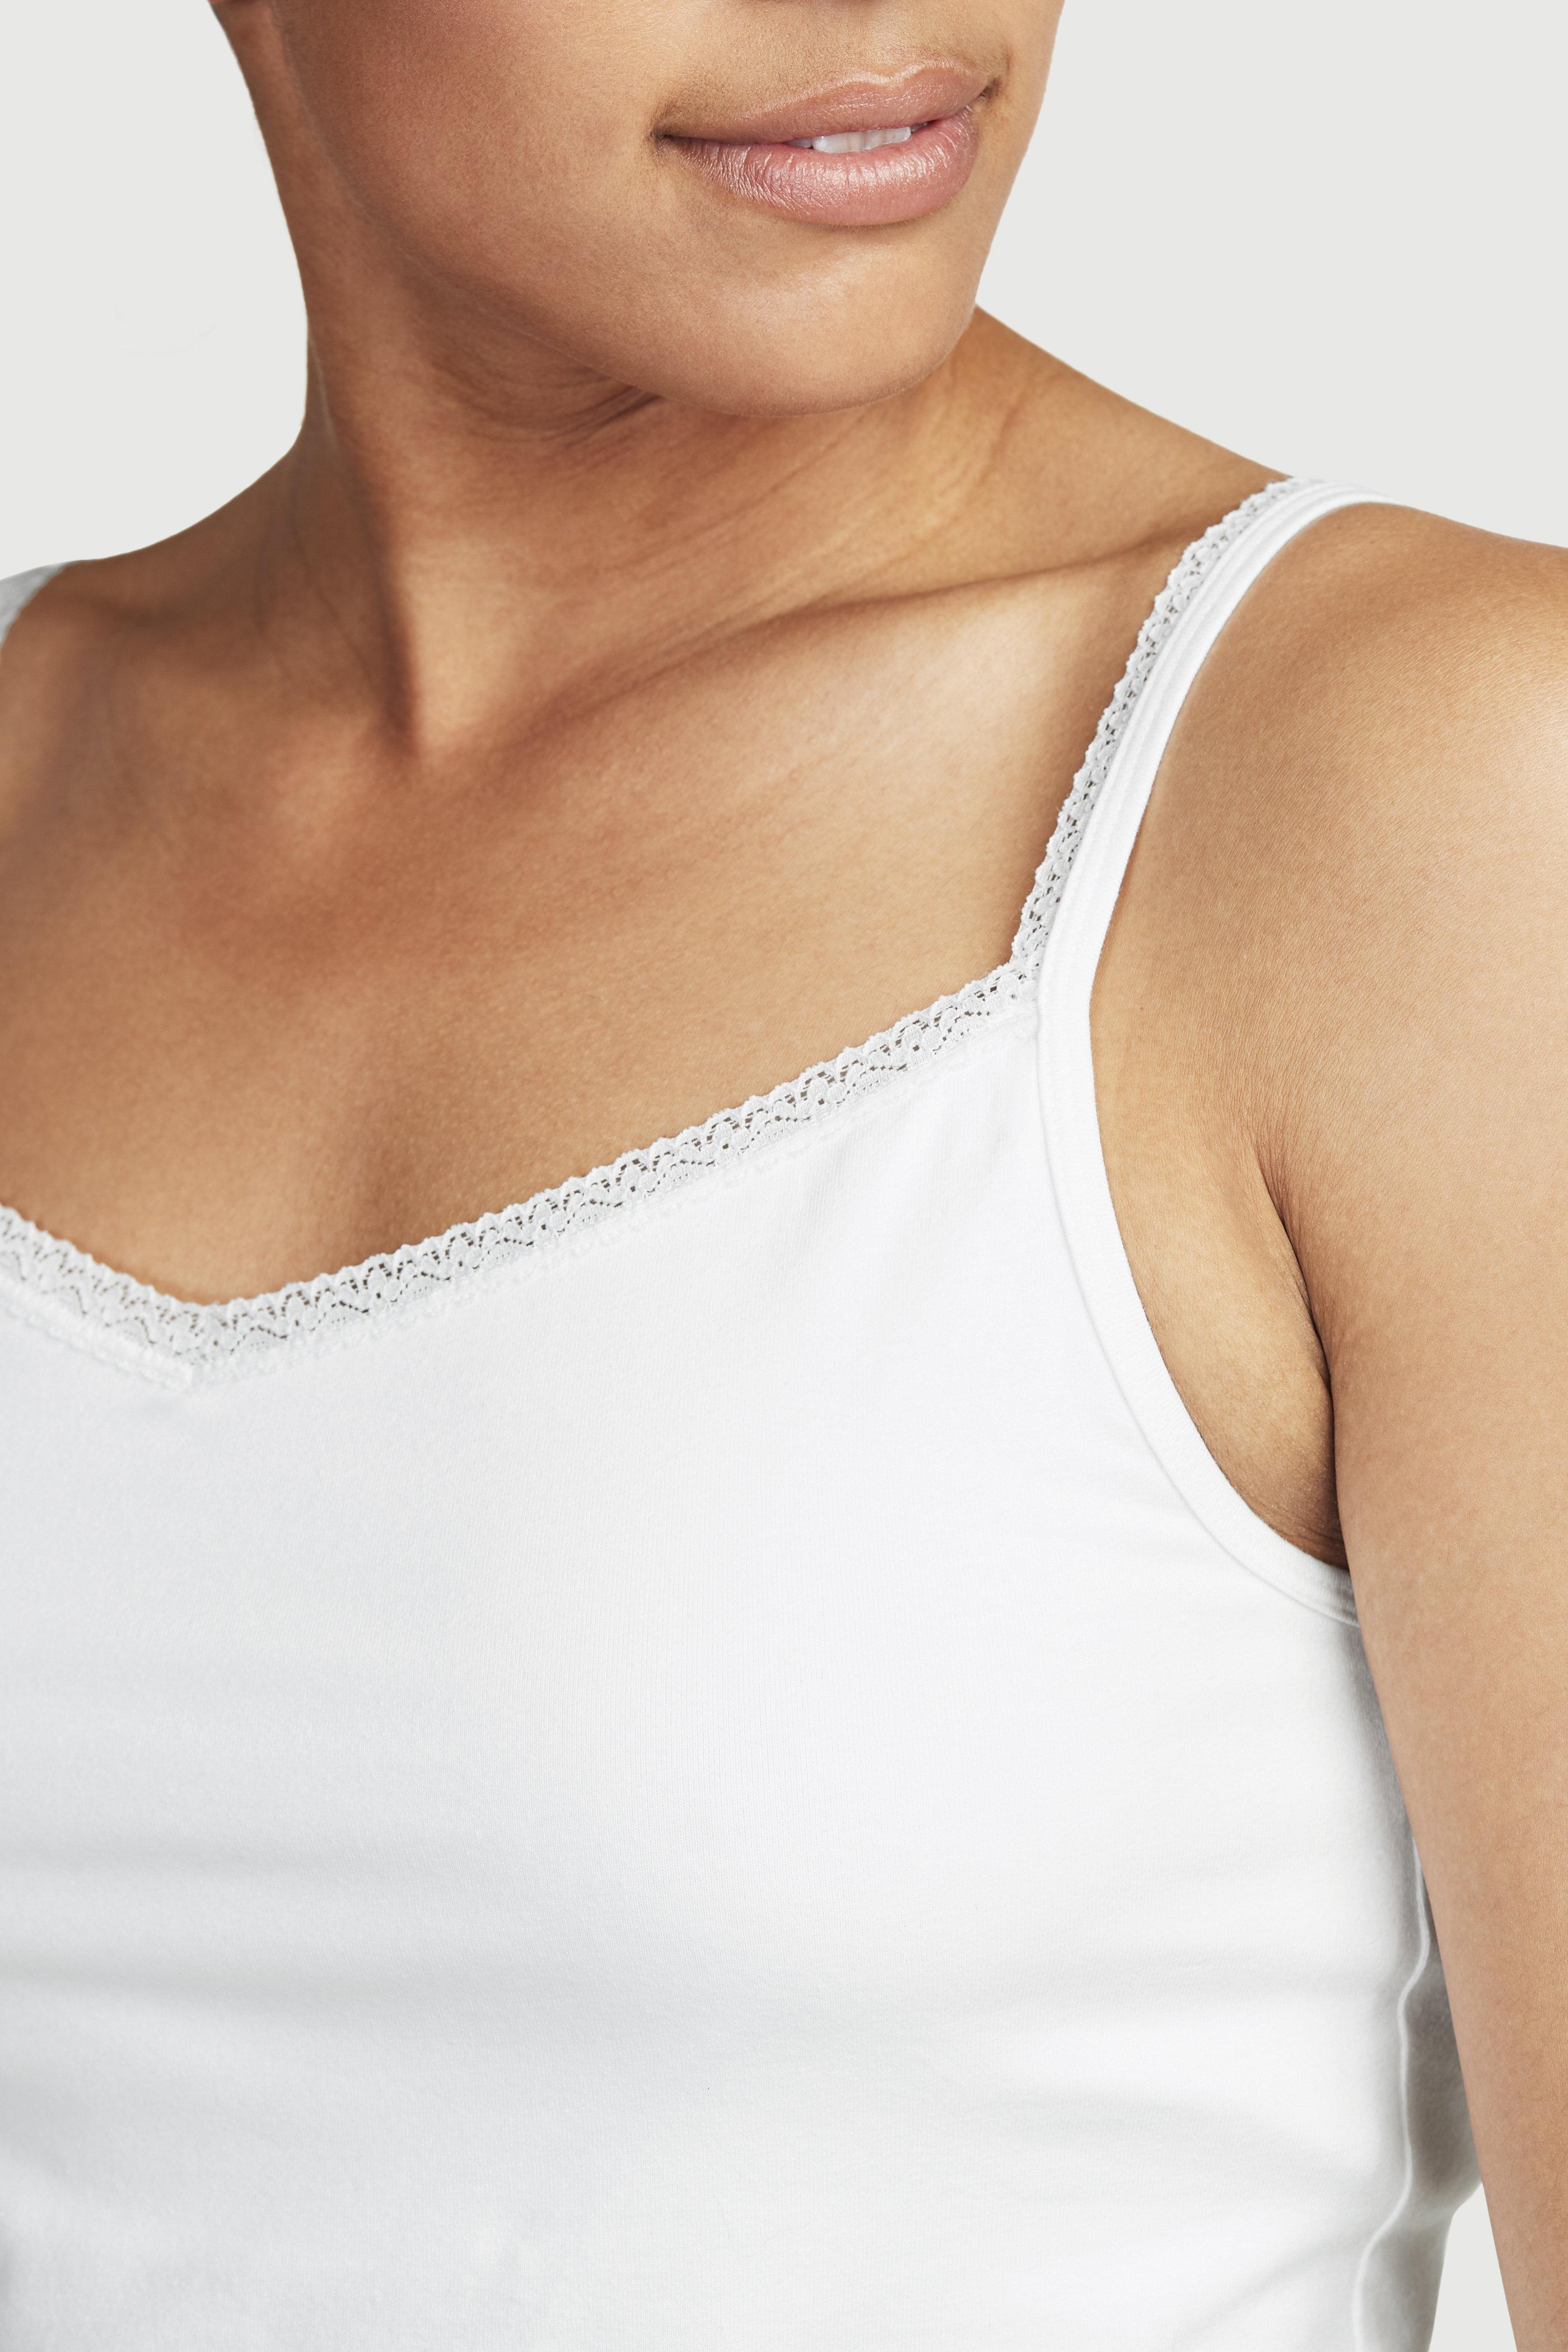 Toppi sisäänrakennetulla rintaliivitopilla 2 kpl/pakkaus